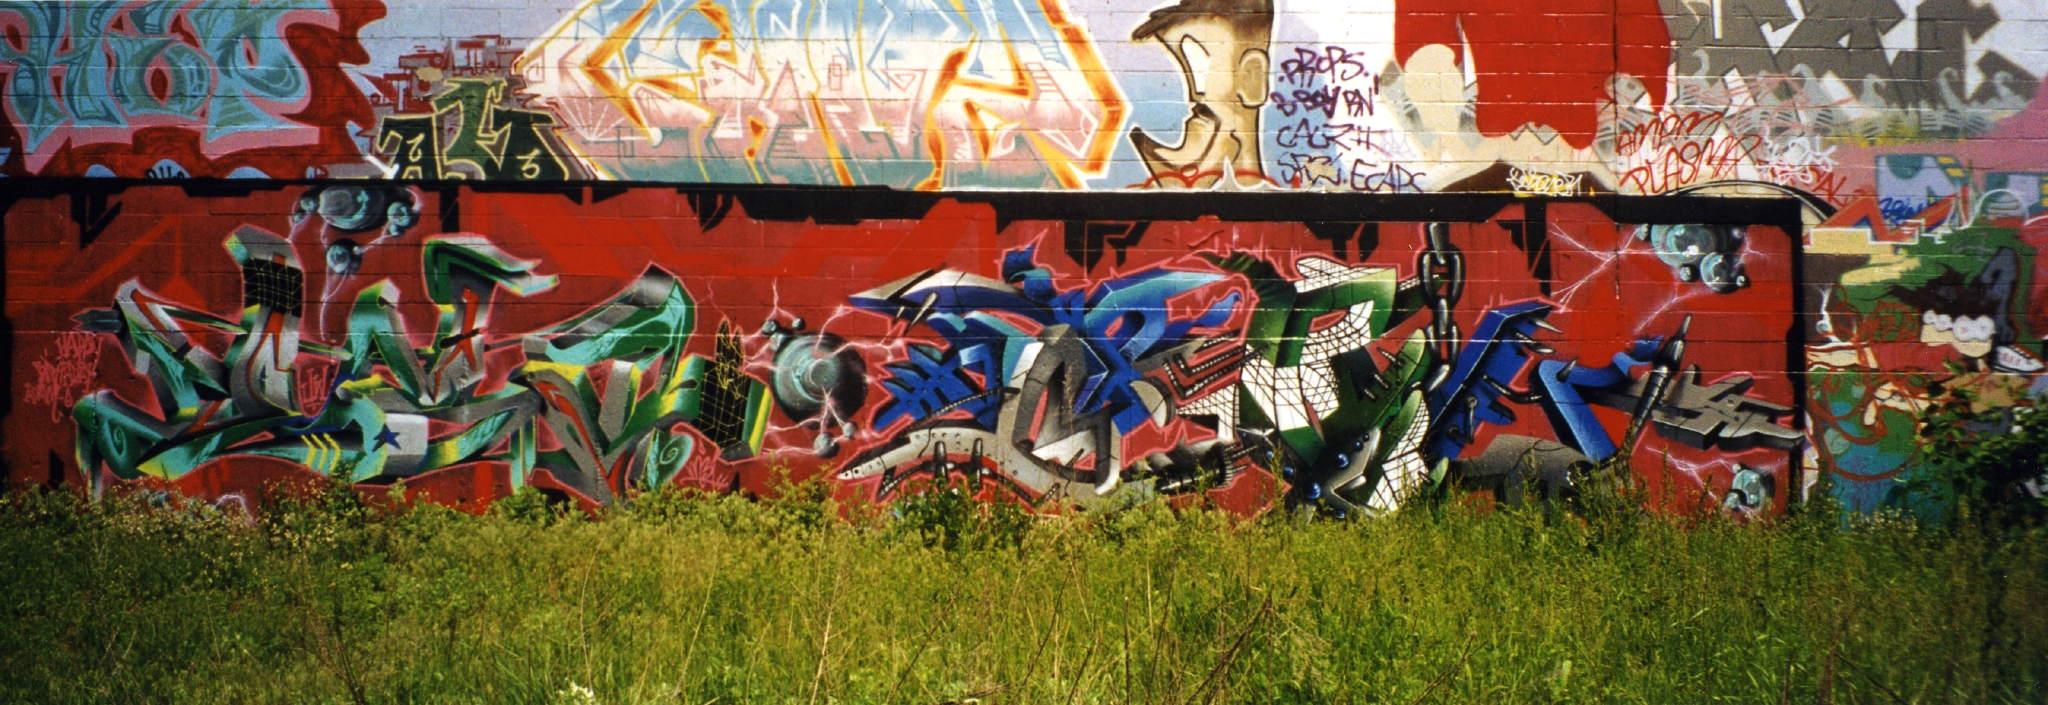 Graffiti wall cambridge ma - Professional_ambulance_wall_cambridge_ma_1998_1x Jpg